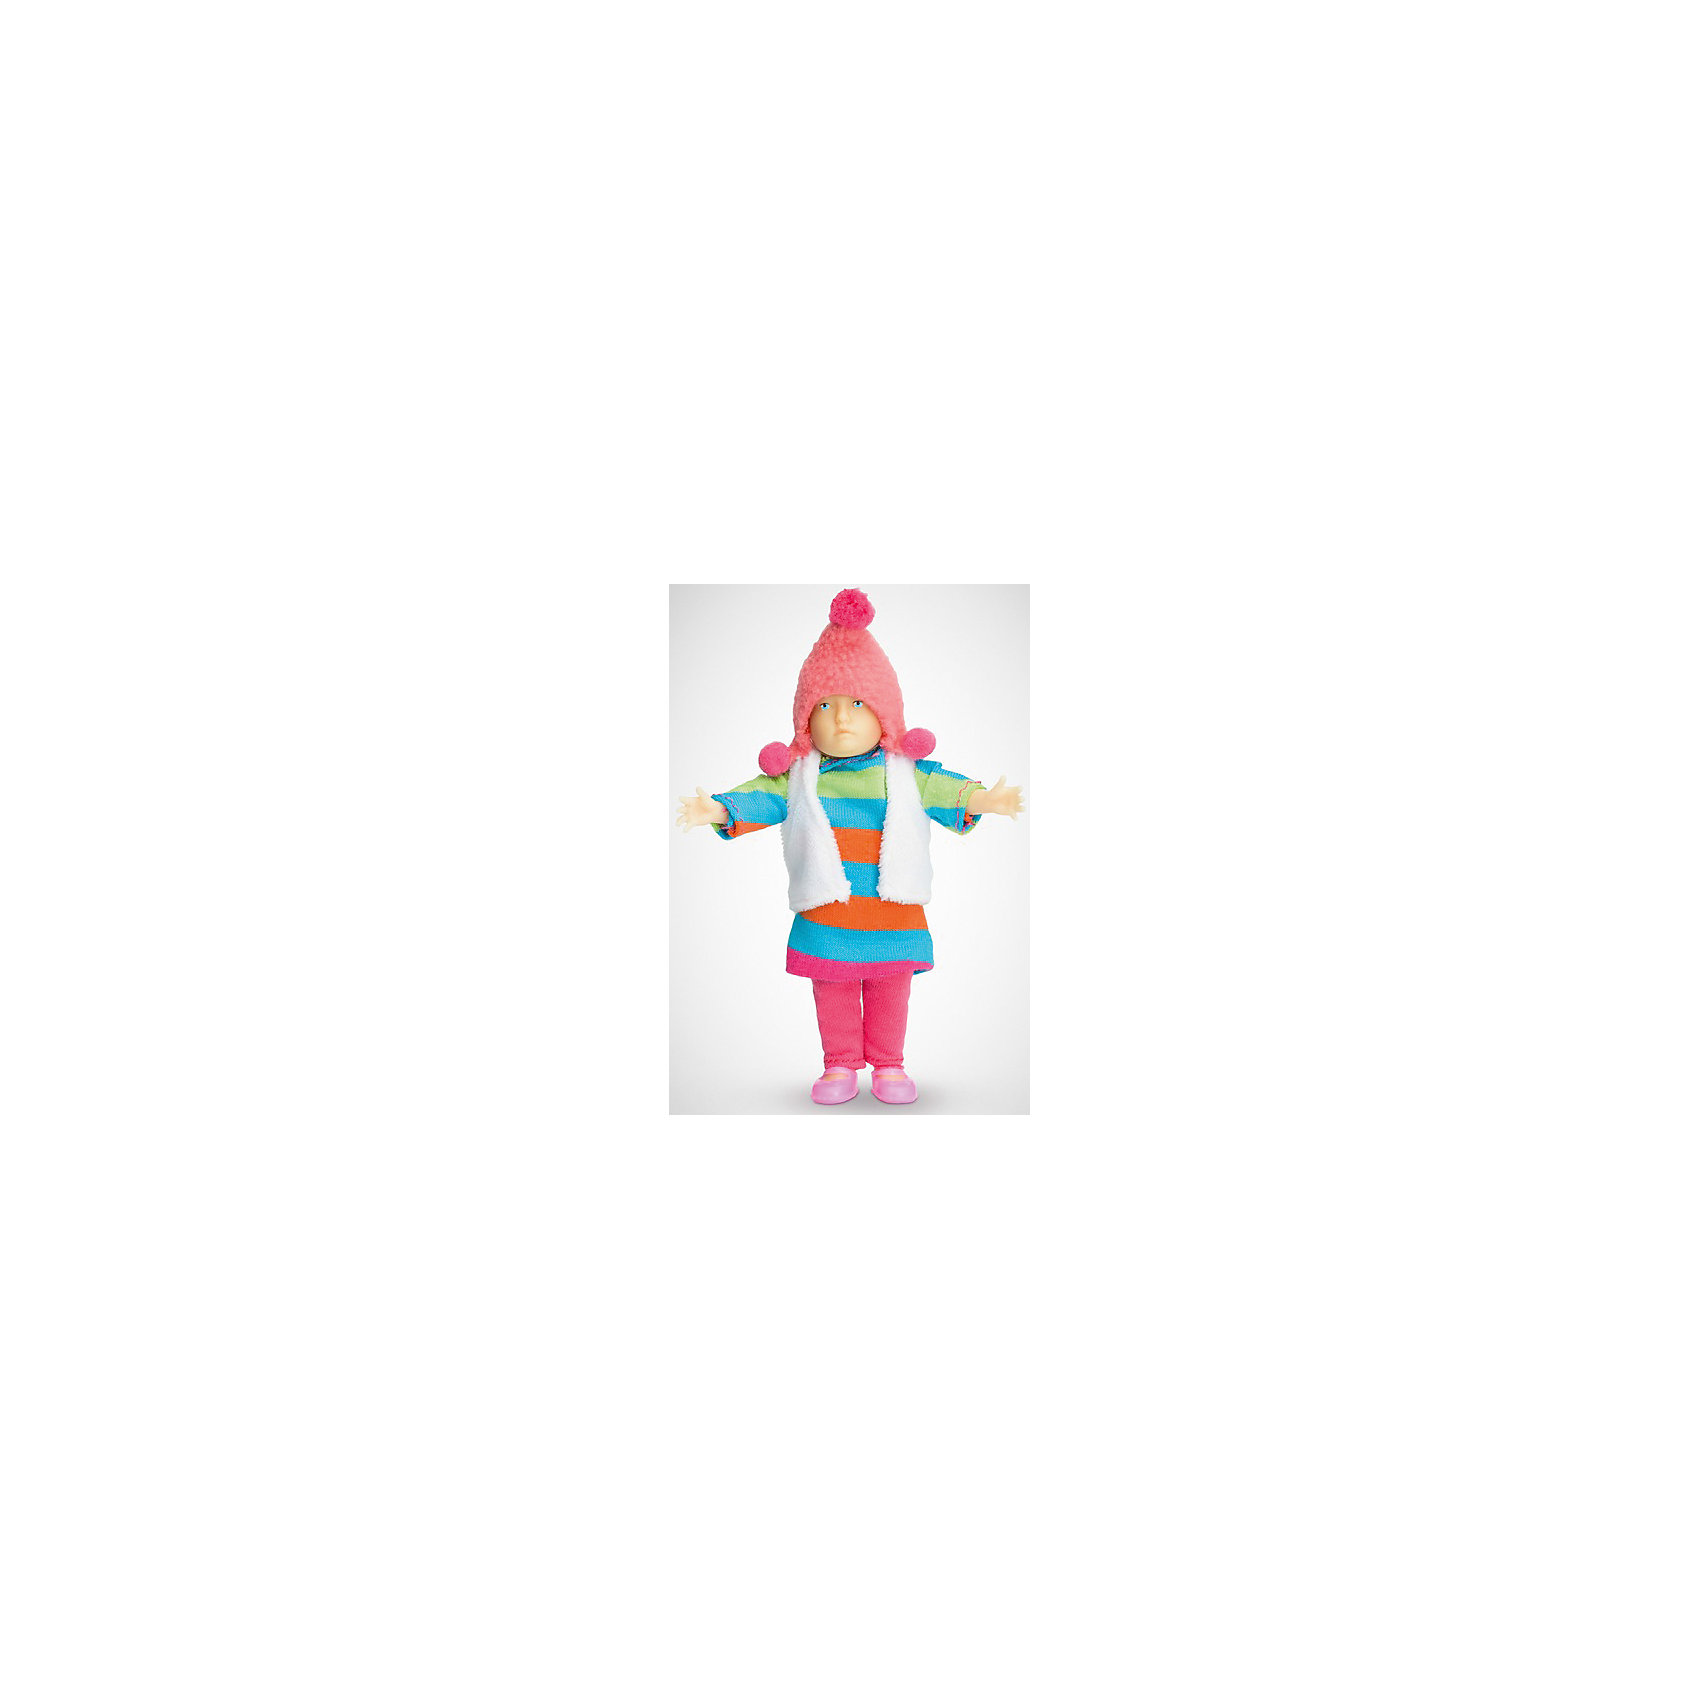 Мини-кукла Девочка в полосатом платье, PUPSIQUEМини-кукла Девочка в полосатом платье, PUPSIQUE - эта кукла-пупс специально создана для увлекательных игр и коллекционирования.<br>Миниатюрная кукла Девочка в полосатом платье - это авторское произведение, где детально соблюдены пропорции и особенности человеческого тела. Игрушка не имеет аналогов в мире - лицо расписано вручную, а одета кукла в оригинальную дизайнерскую одежду: полосатое платье, белый жилет, розовые штанишки и шапочку с помпоном. Главное, что отличает куклу-пупса - это идеальное сходство с человеком. Малышка словно живая. Кукла имеет 5 точек артикуляции: подвижные голова, руки и ноги. Игрушка изготовлена из высококачественного гипоаллергенного материала. Маленький размер куклы позволяет играть в абсолютно любом месте, ее удобно брать с собой на занятия или весело проводить время в дороге во время путешествий. Для создания увлекательных игровых сцен с миниатюрной куклой можно дополнять игру различными аксессуарами и новой одеждой.<br><br>Дополнительная информация:<br><br>- Высота куклы: 11 см.<br>- Материал: винил, текстиль<br>- Размер упаковки: 15 х 2,6 х 26 см.<br>- Вес: 670 гр.<br><br>Мини-куклу Девочка в полосатом платье, PUPSIQUE можно купить в нашем интернет-магазине.<br><br>Ширина мм: 150<br>Глубина мм: 26<br>Высота мм: 260<br>Вес г: 670<br>Возраст от месяцев: 36<br>Возраст до месяцев: 192<br>Пол: Женский<br>Возраст: Детский<br>SKU: 4344937